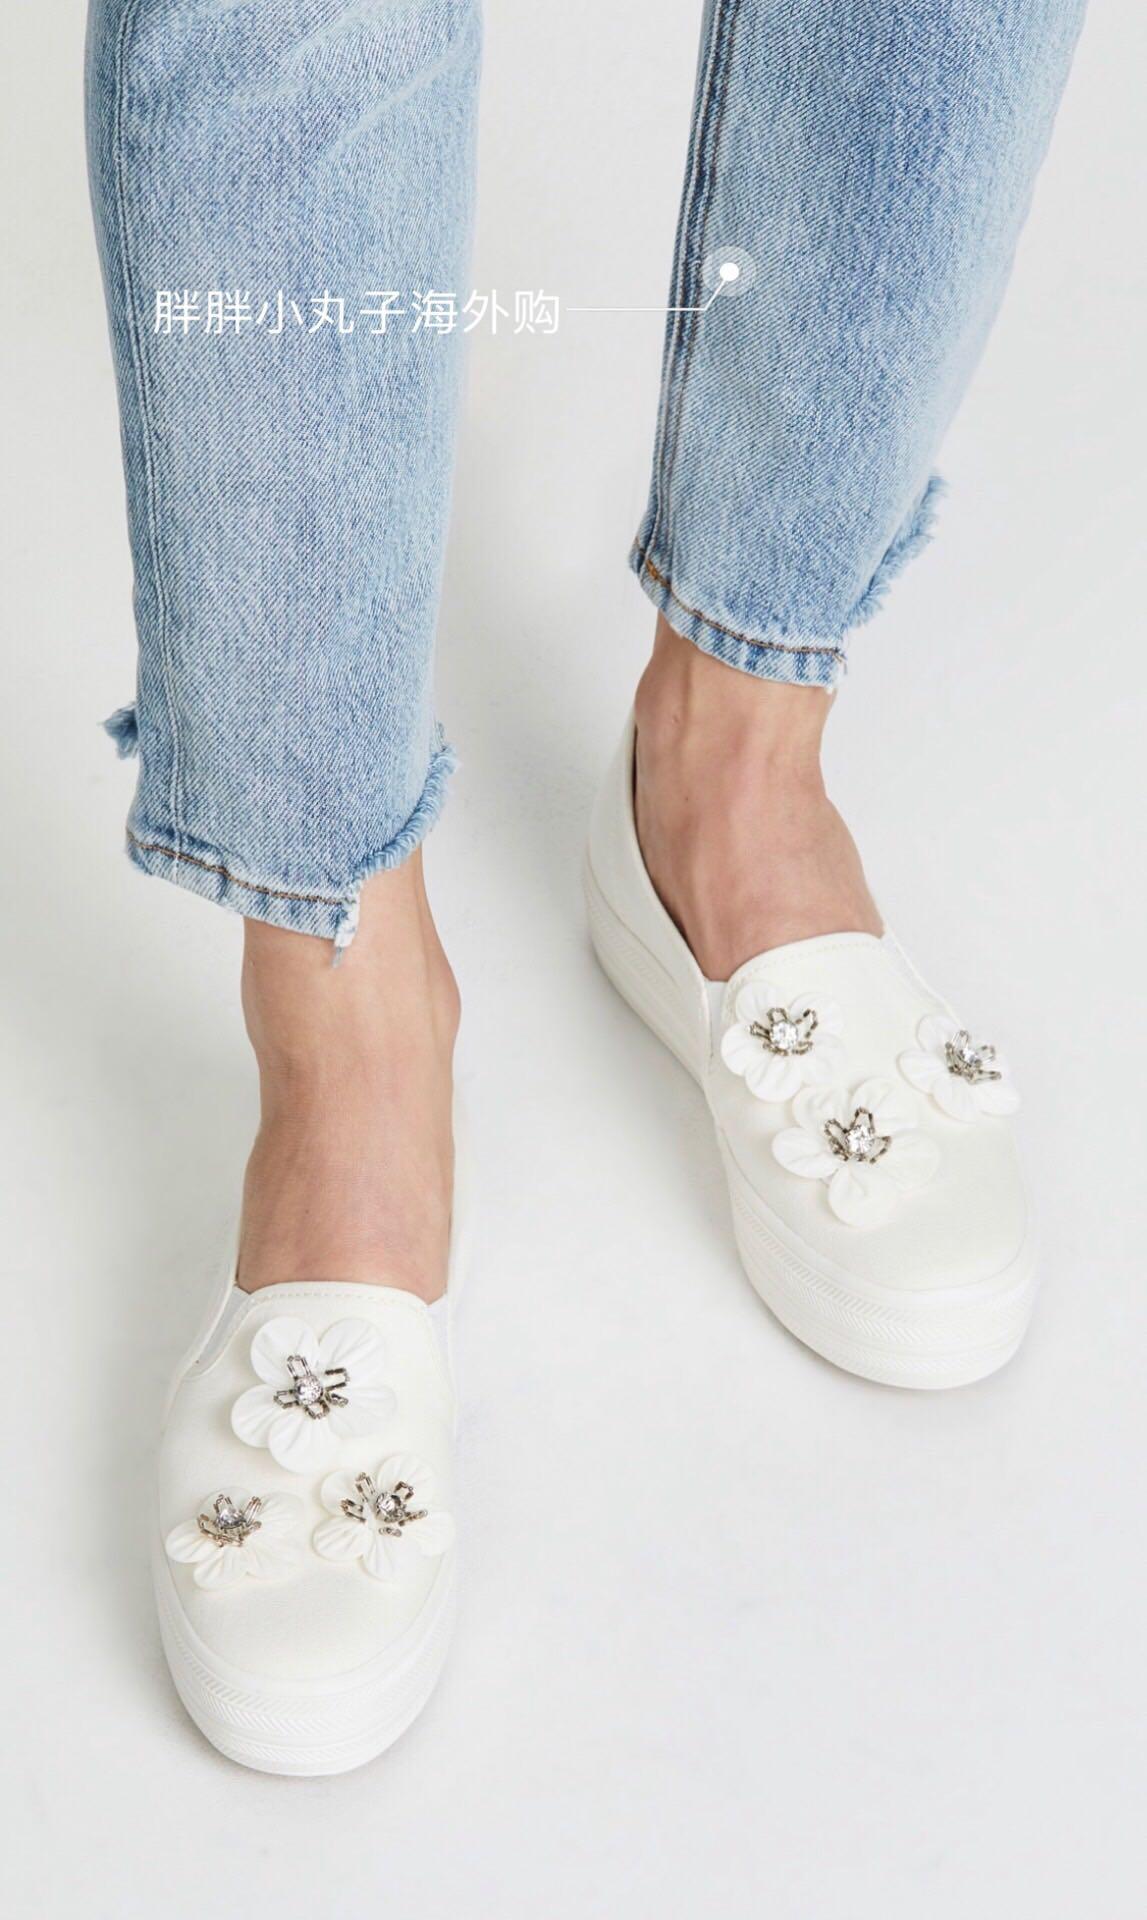 美国代购keds×kate spade合作款花朵运动休闲鞋3cm厚底平底单鞋